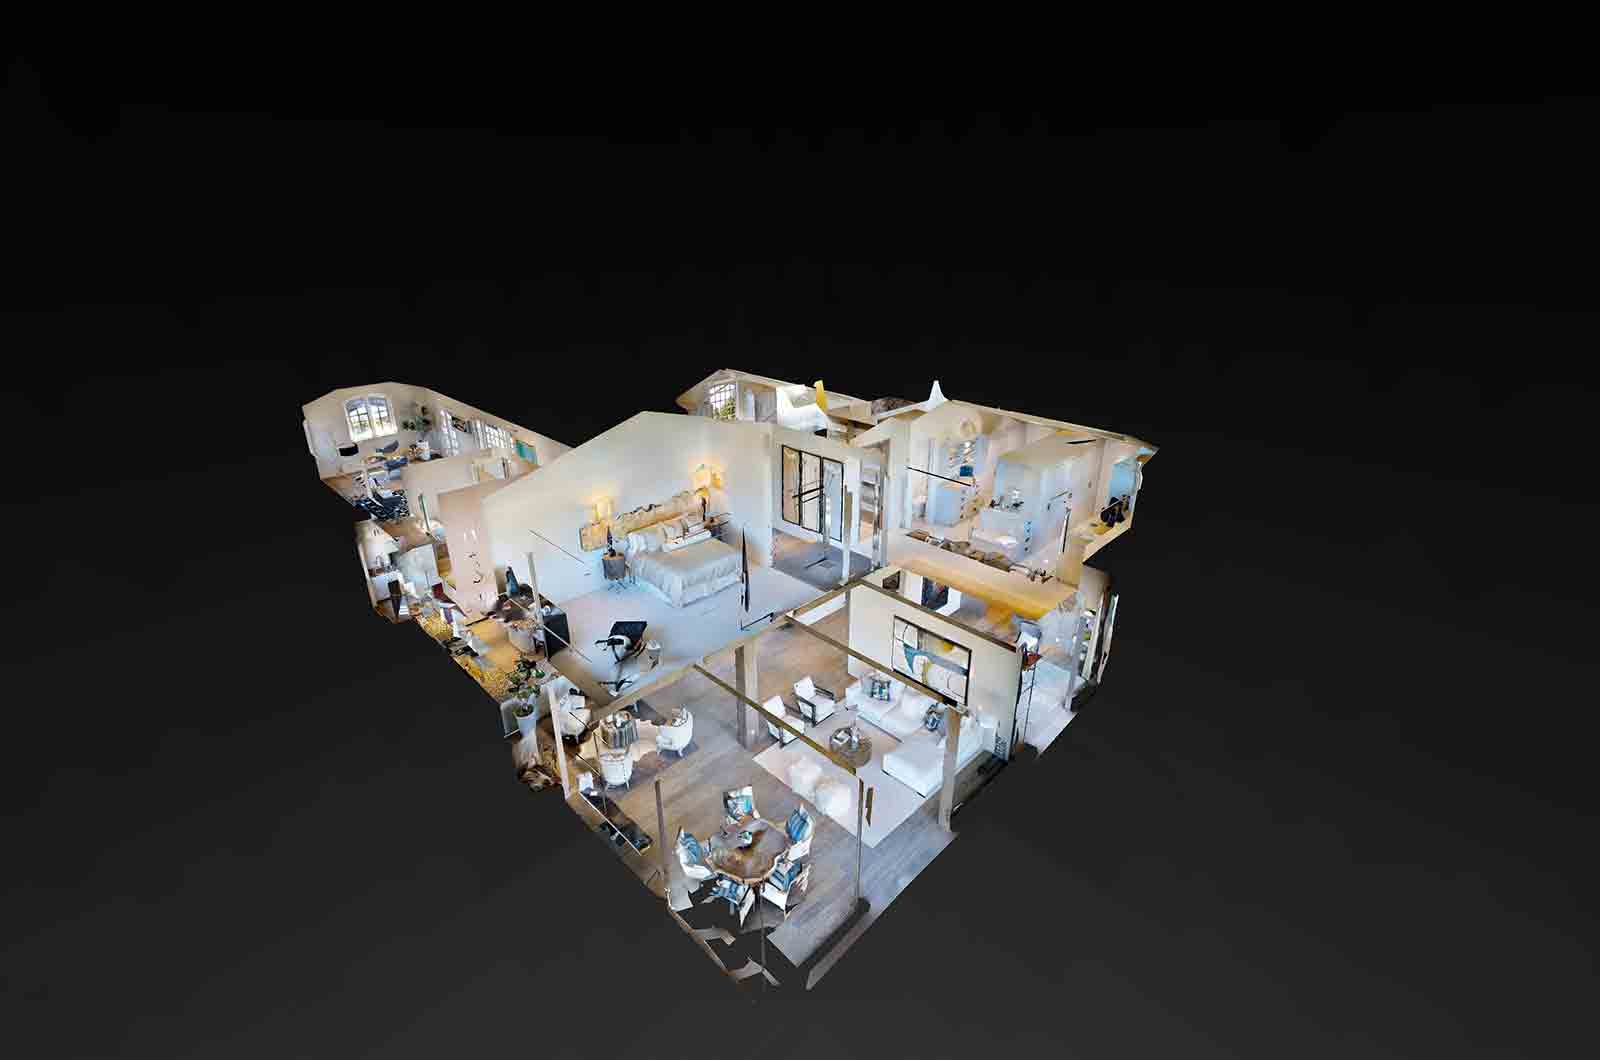 Immersive-3D-Tours-_-Matterport-3D-Tours-Orange-County